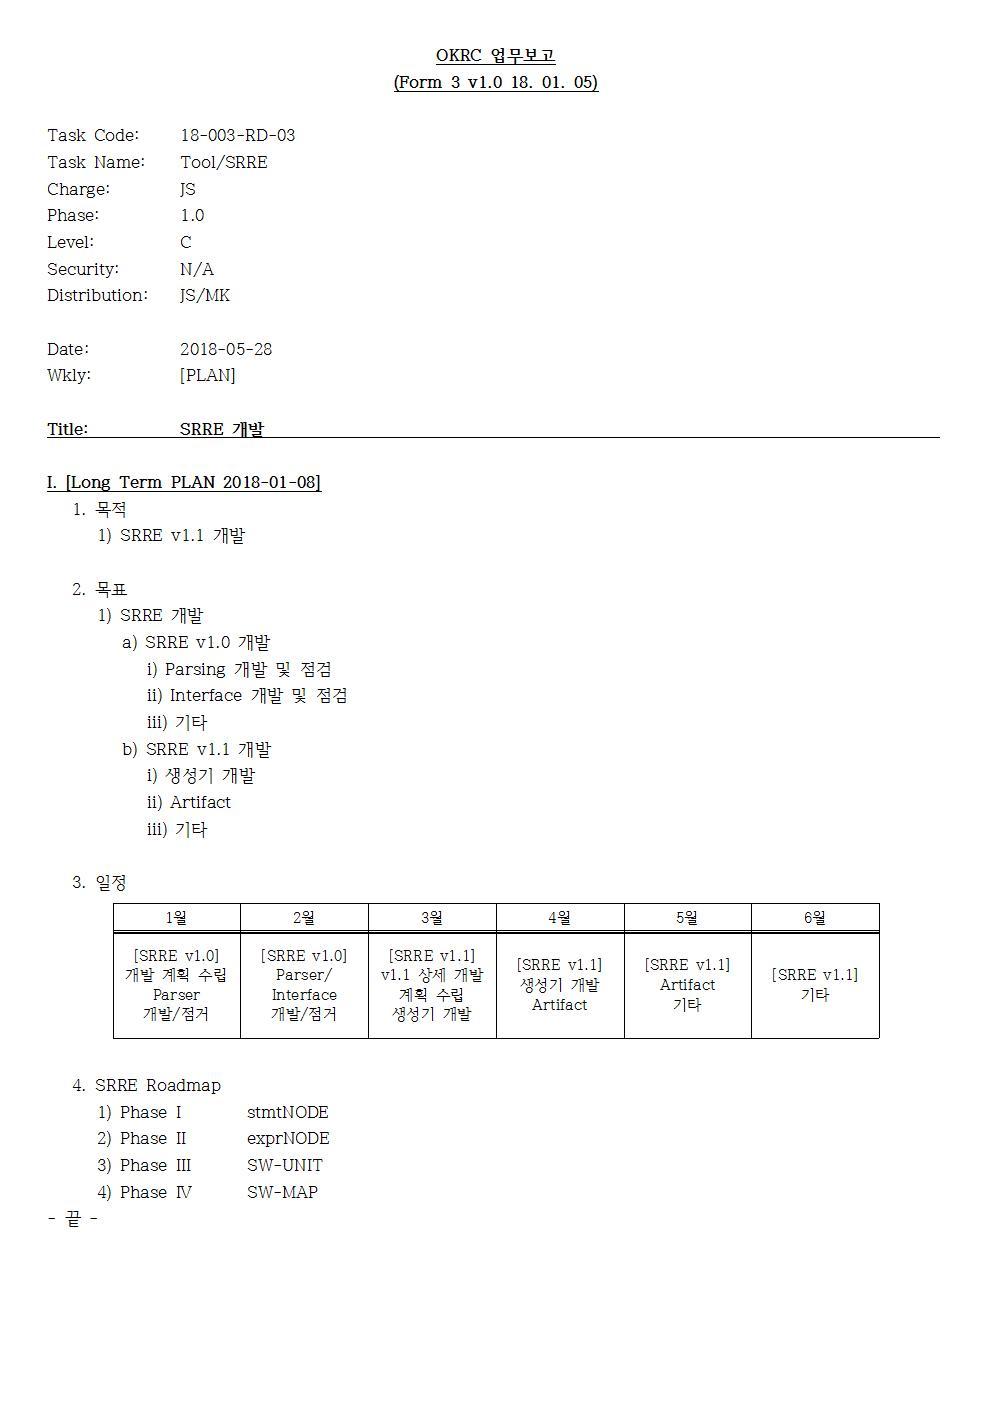 D-[18-003-RD-03]-[SRRE]-[2018-05-28][JS]001.jpg